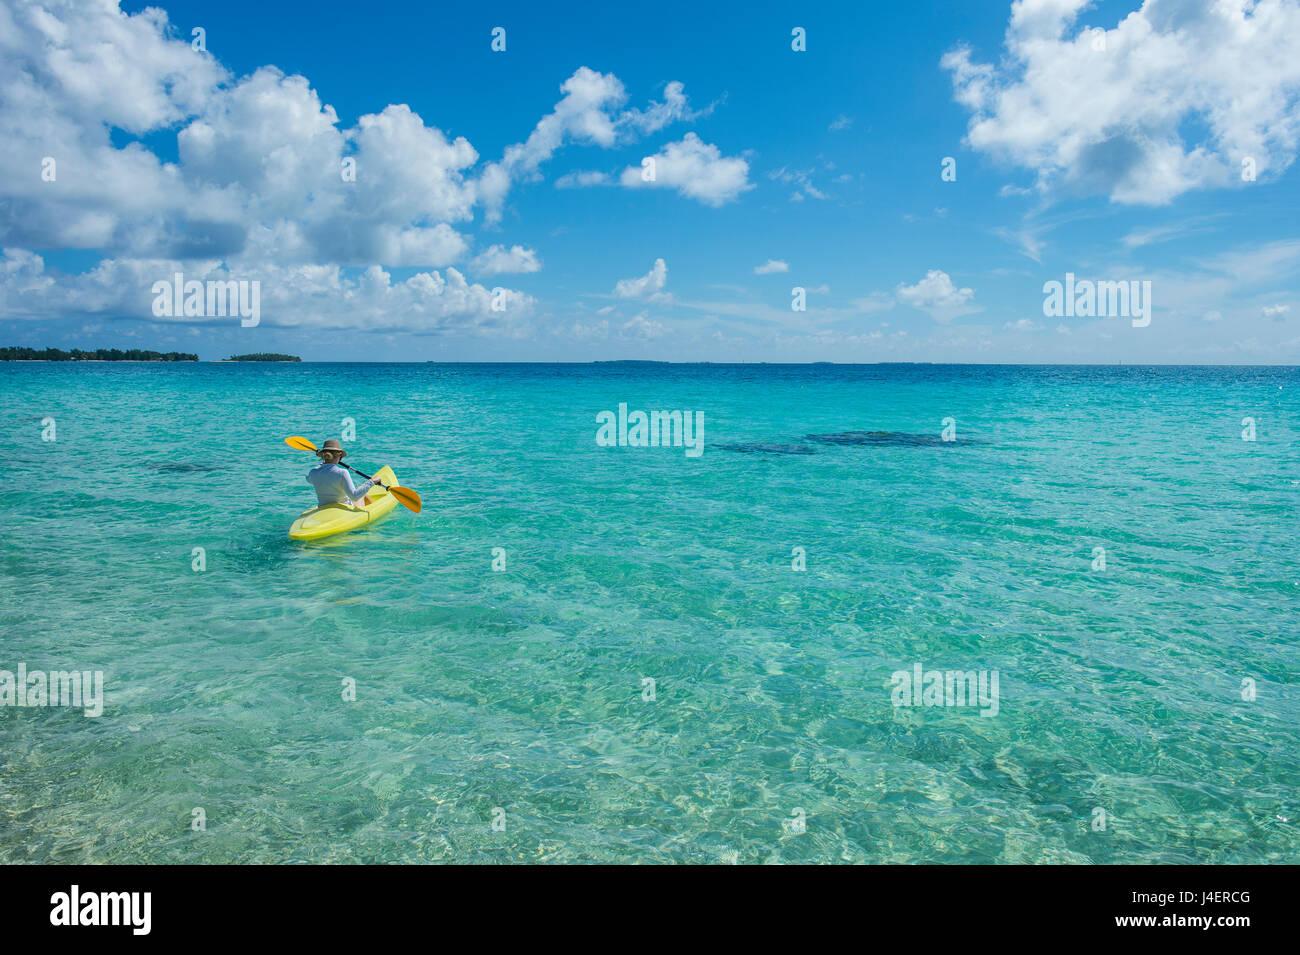 Femme kayak dans les eaux turquoises de Tikehau, Tuamotu, Polynésie Française, Pacifique Photo Stock